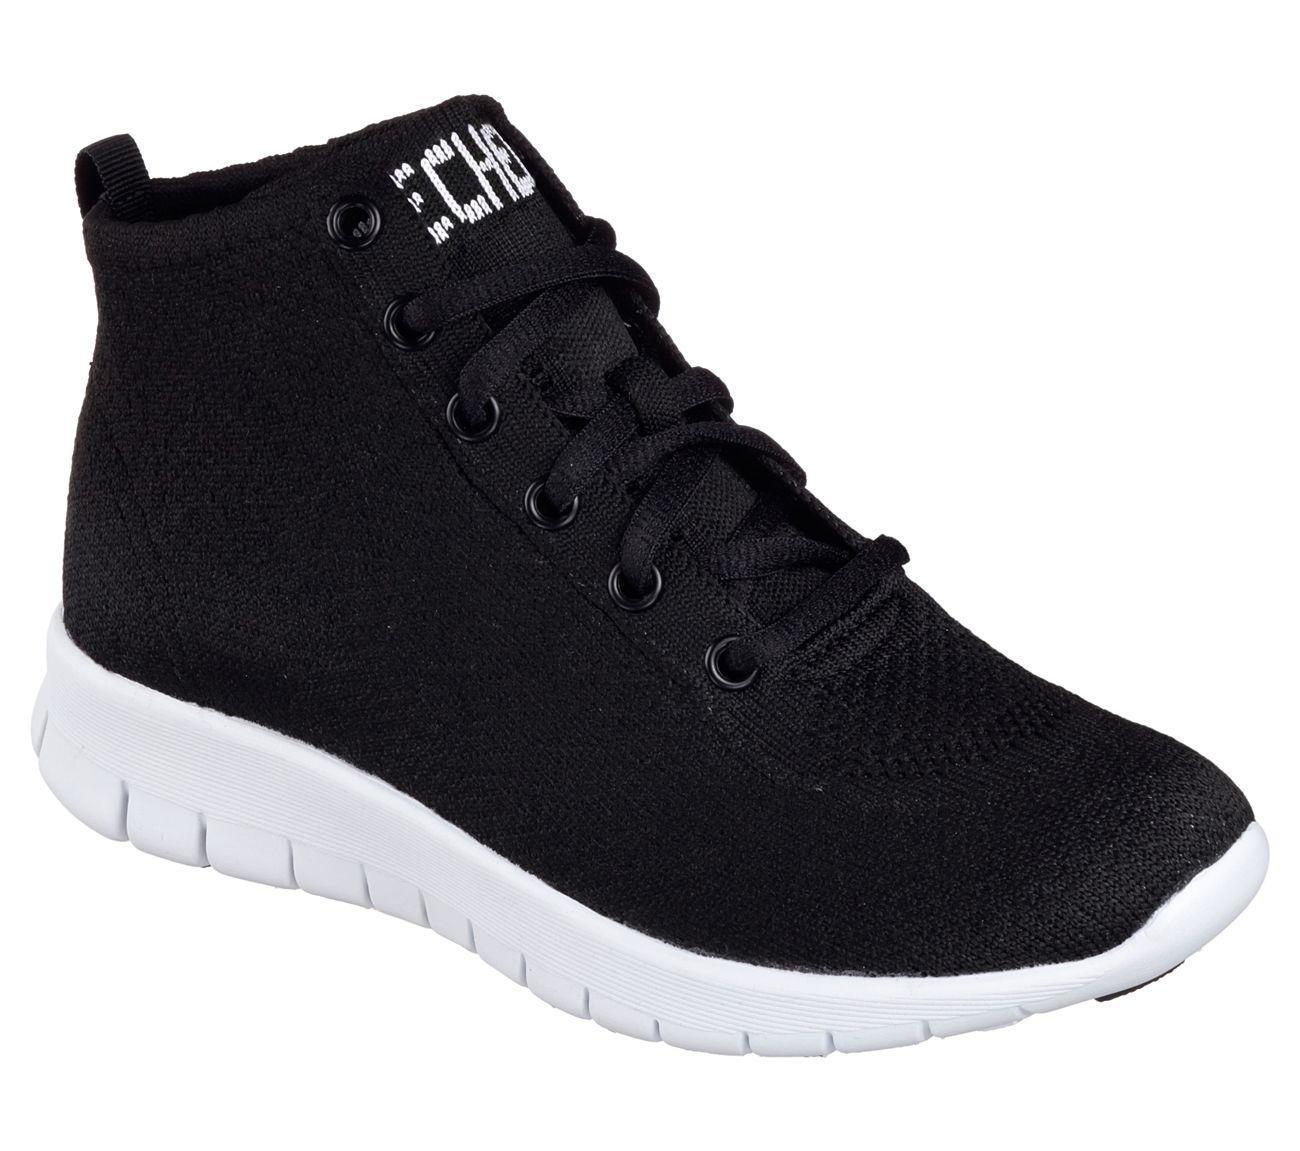 Skechers Hightop Sneakers 8.5